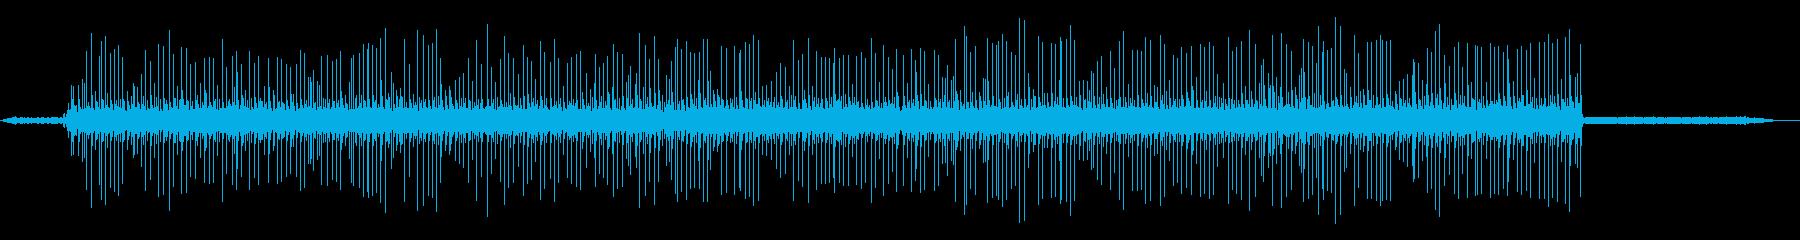 テレタイプ&テレグラフマシンを実行...の再生済みの波形